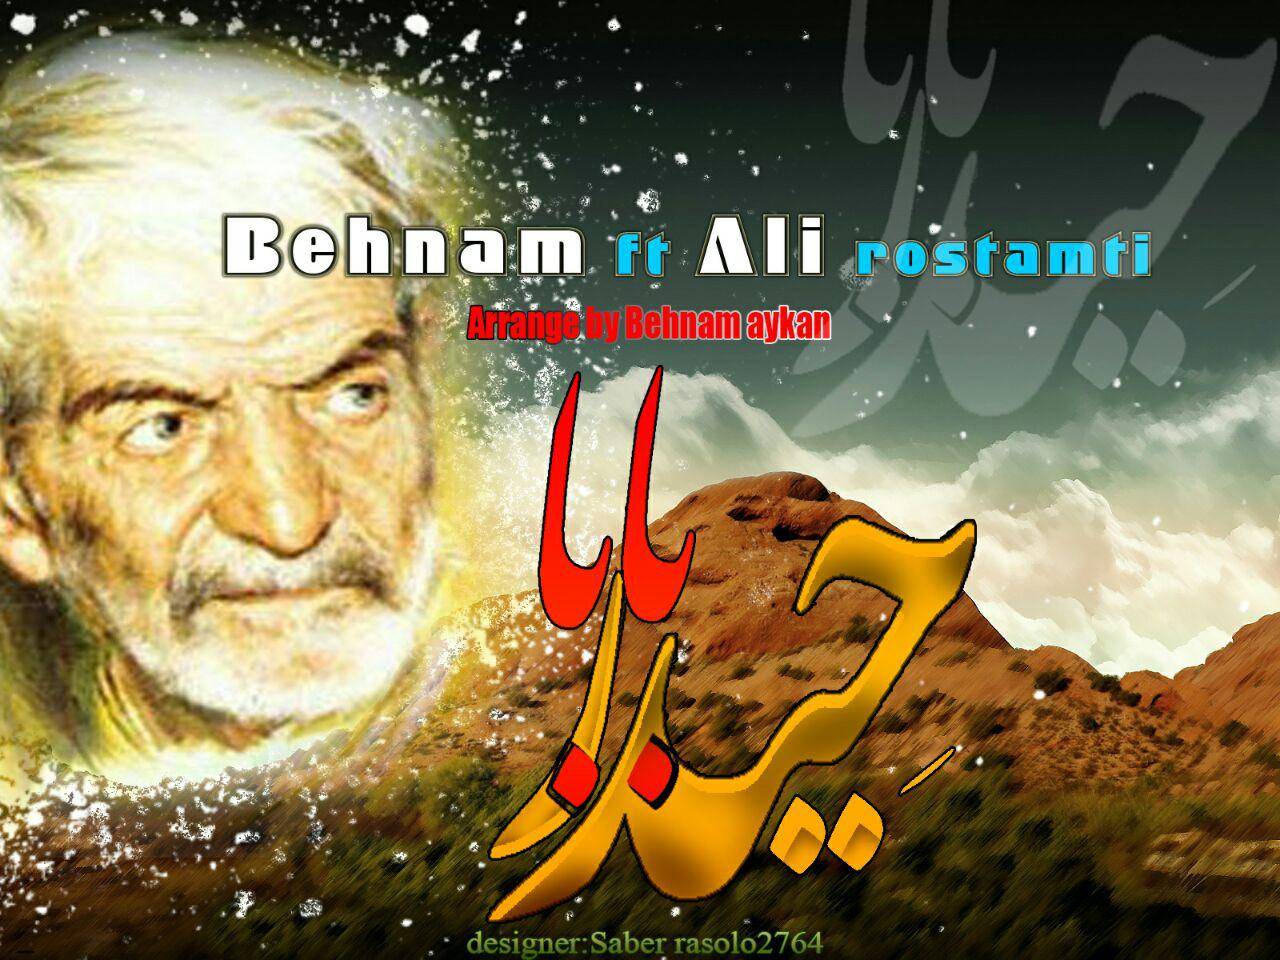 http://s7.picofile.com/file/8258896700/Heydar_Baba_Behnam_Ft_Ali_Rostami.jpg